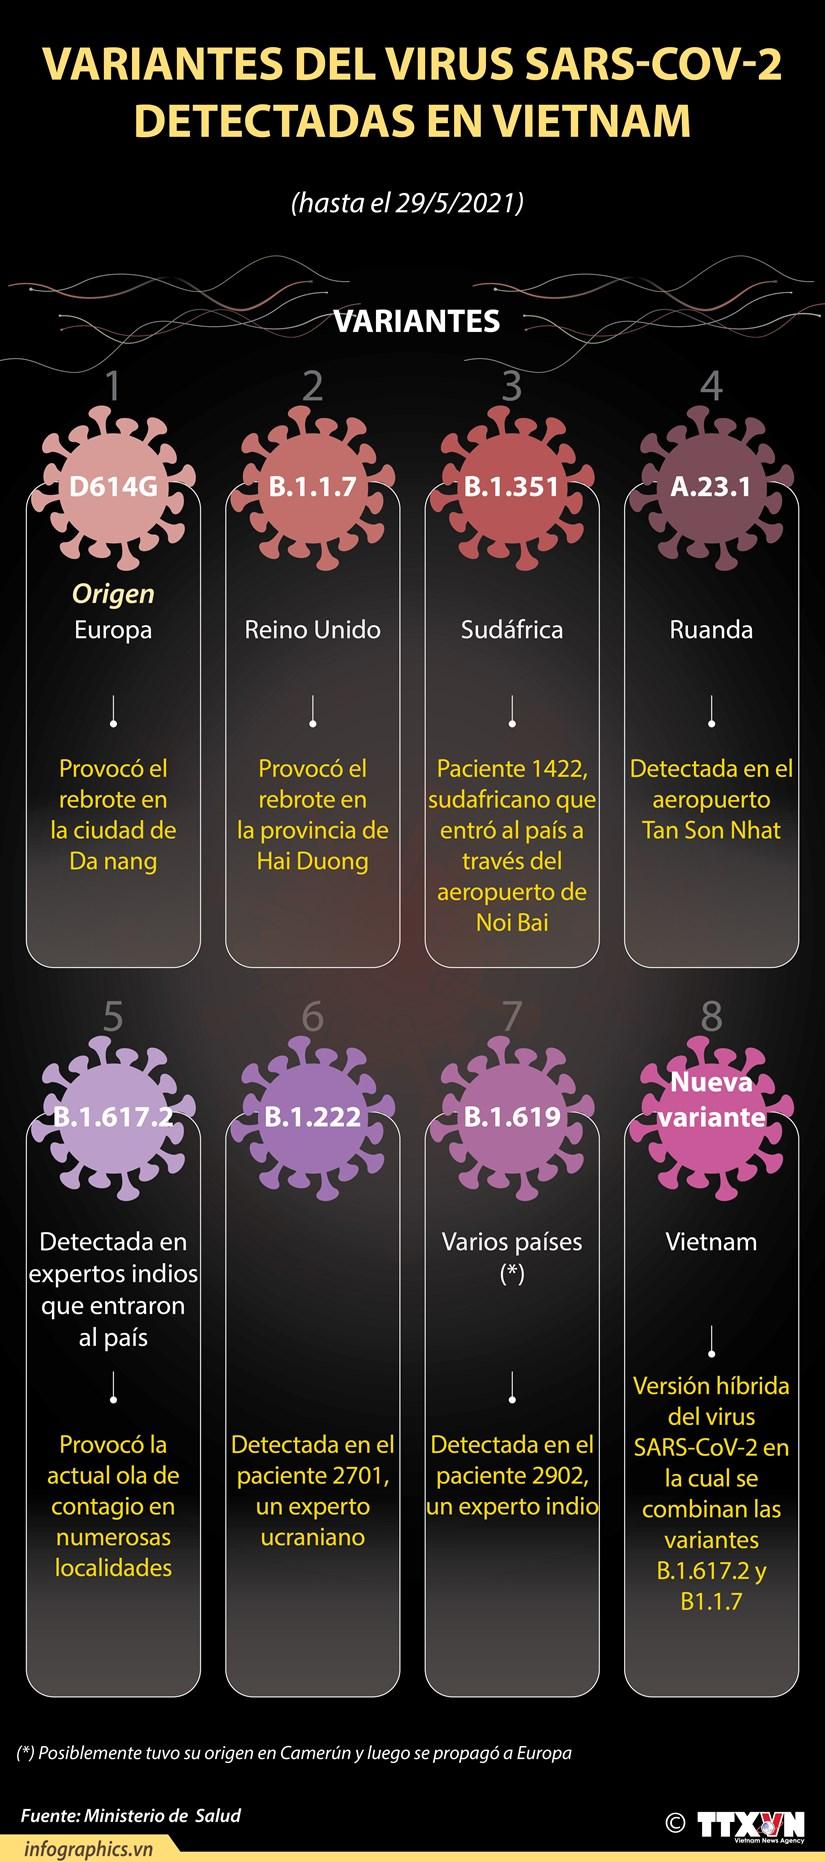 Las variantes del virus SARS-CoV-2 detectadas en Vietnam hinh anh 1